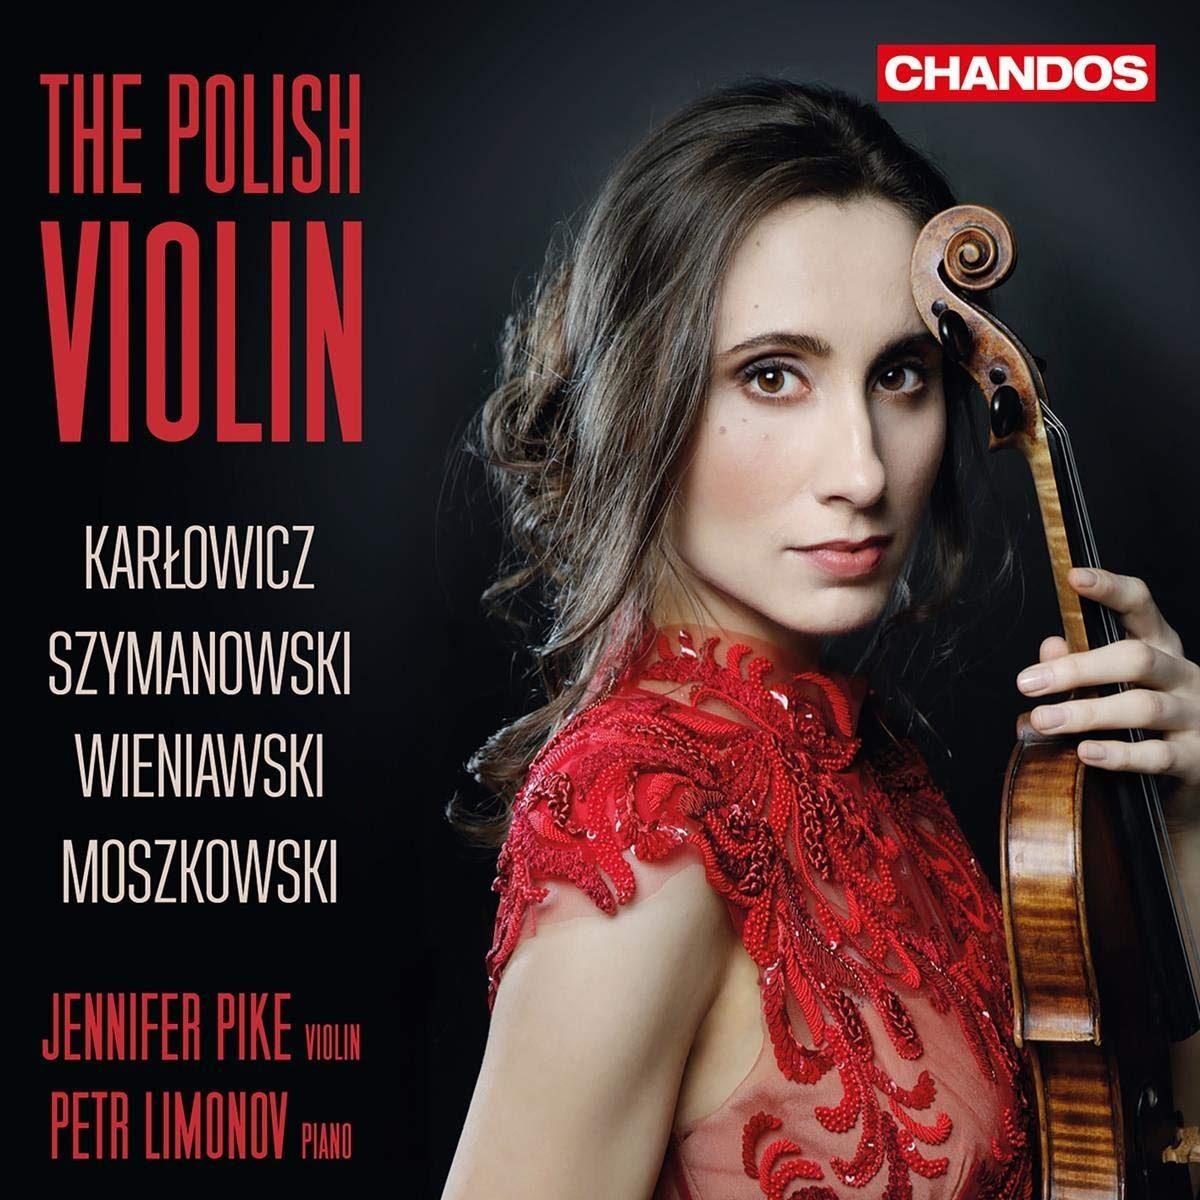 The Polish Violin cover